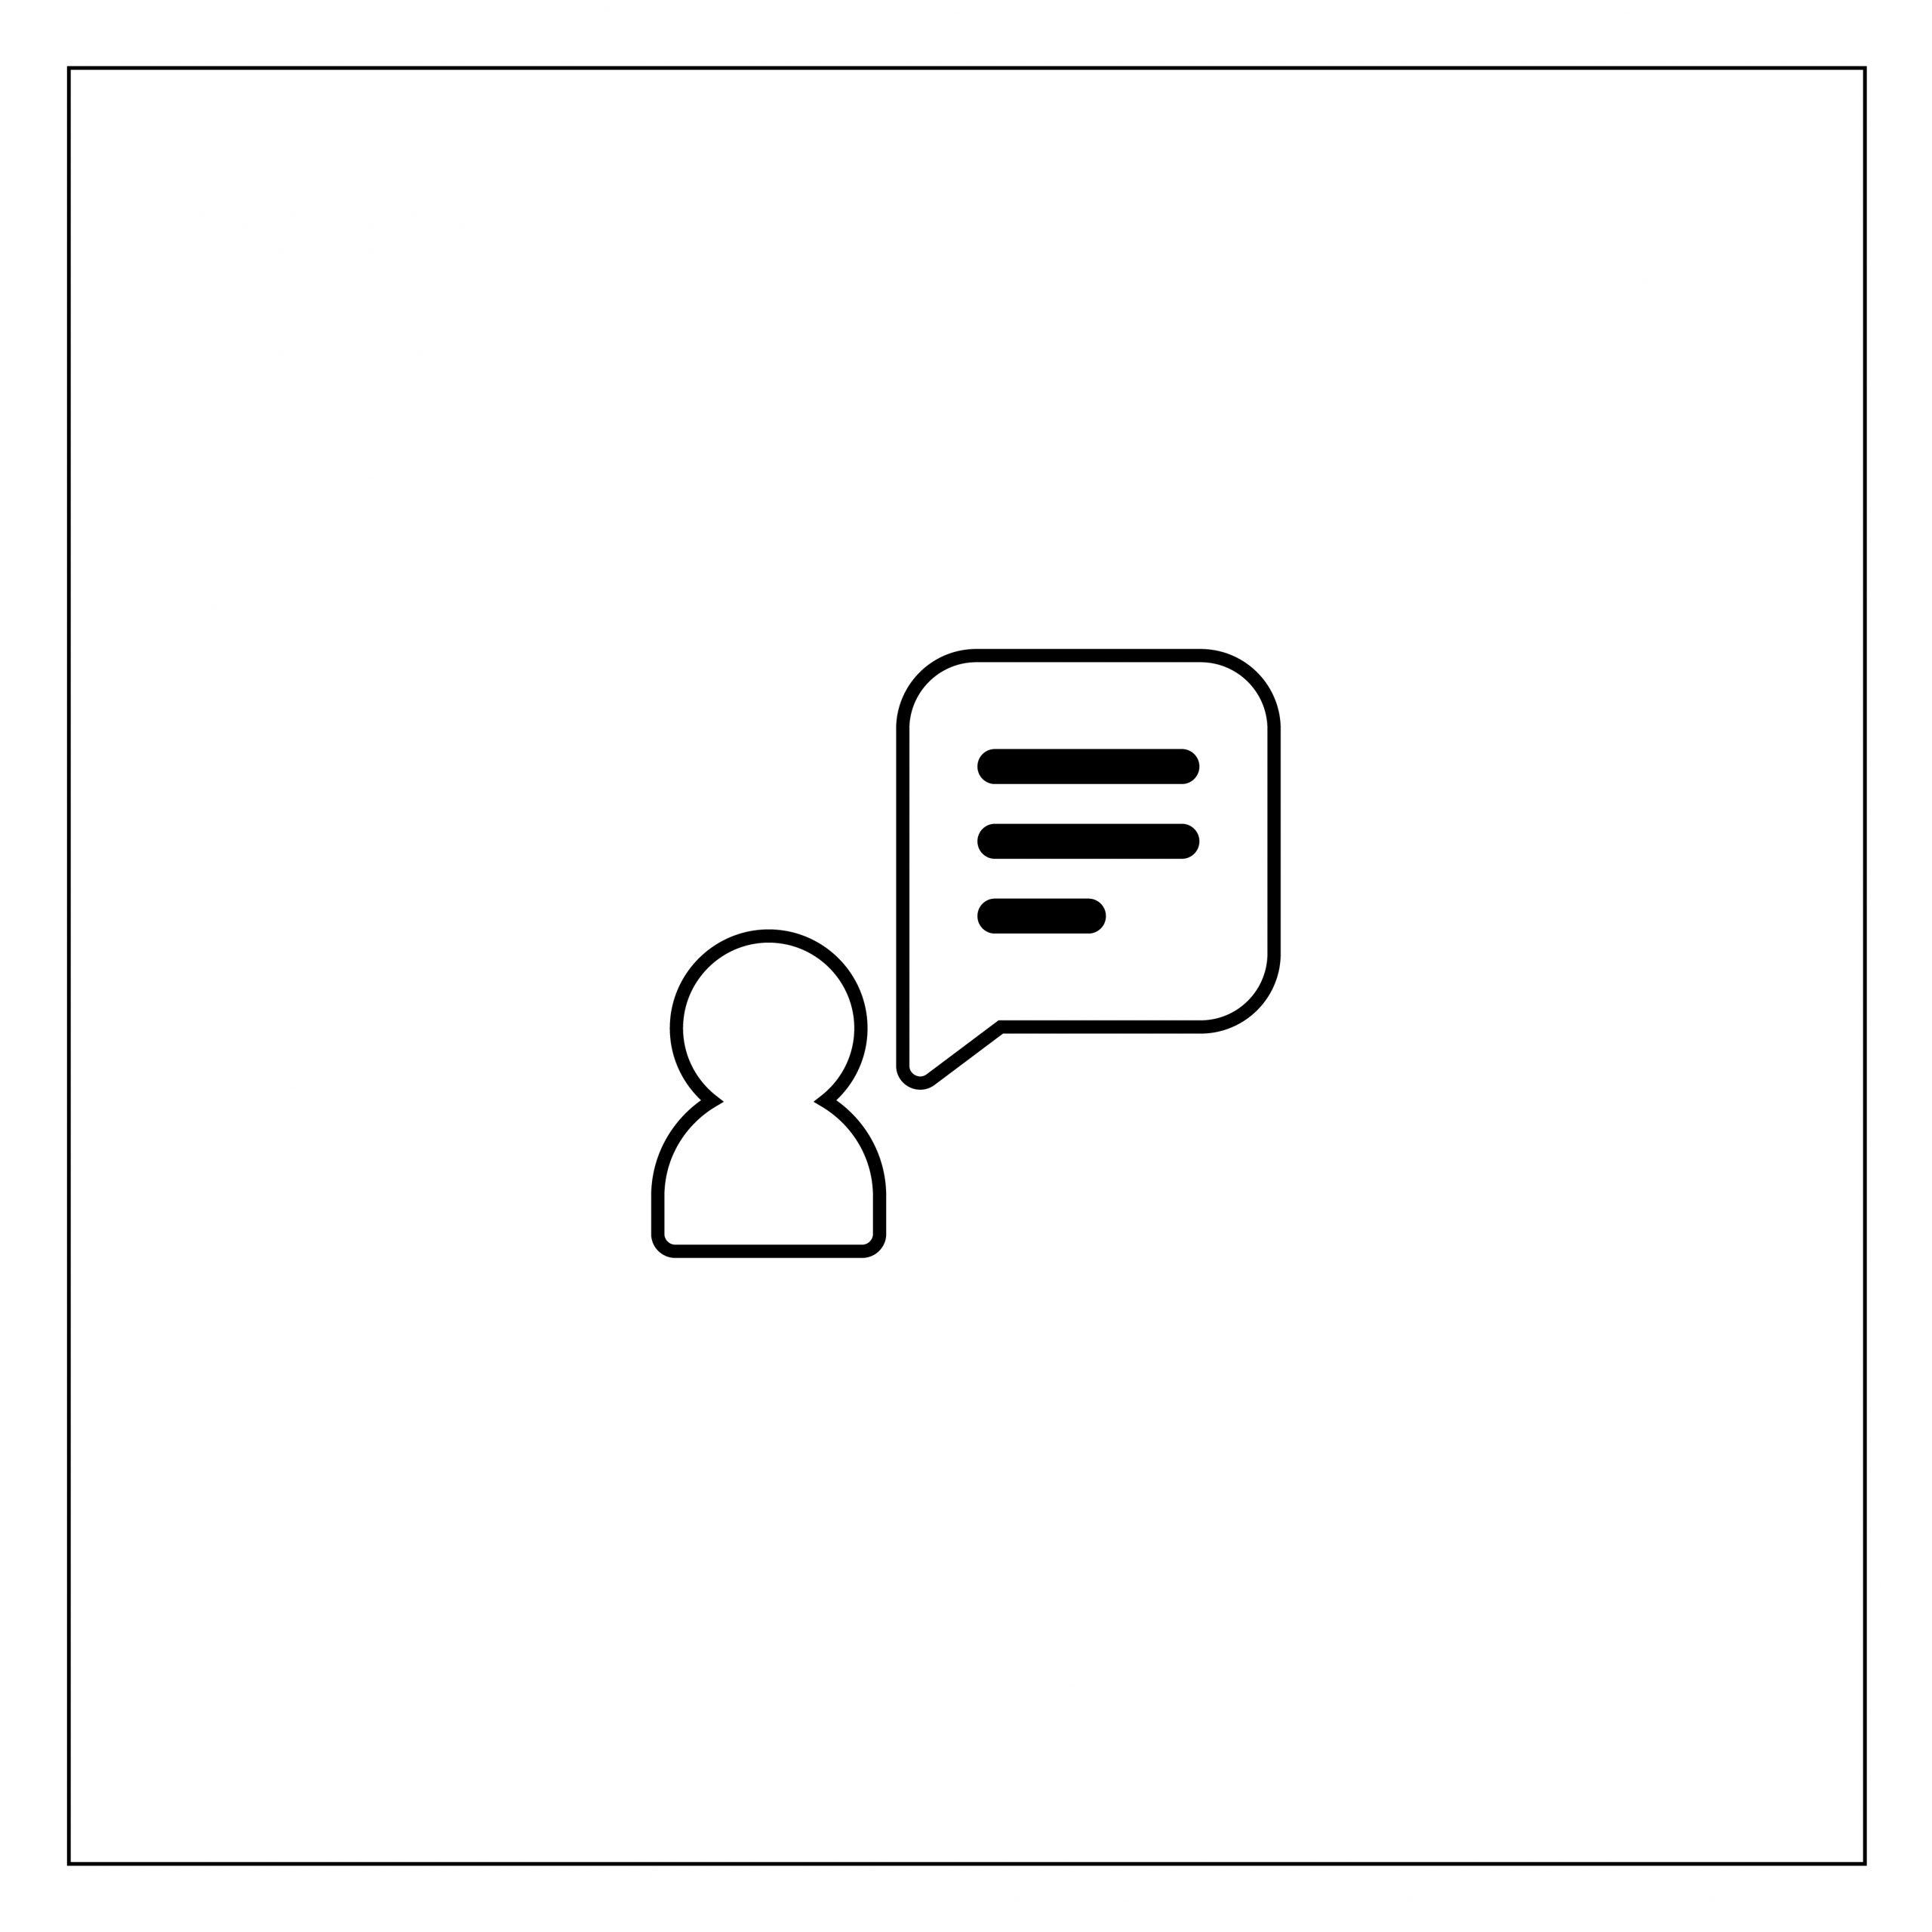 icona personalizzazioni